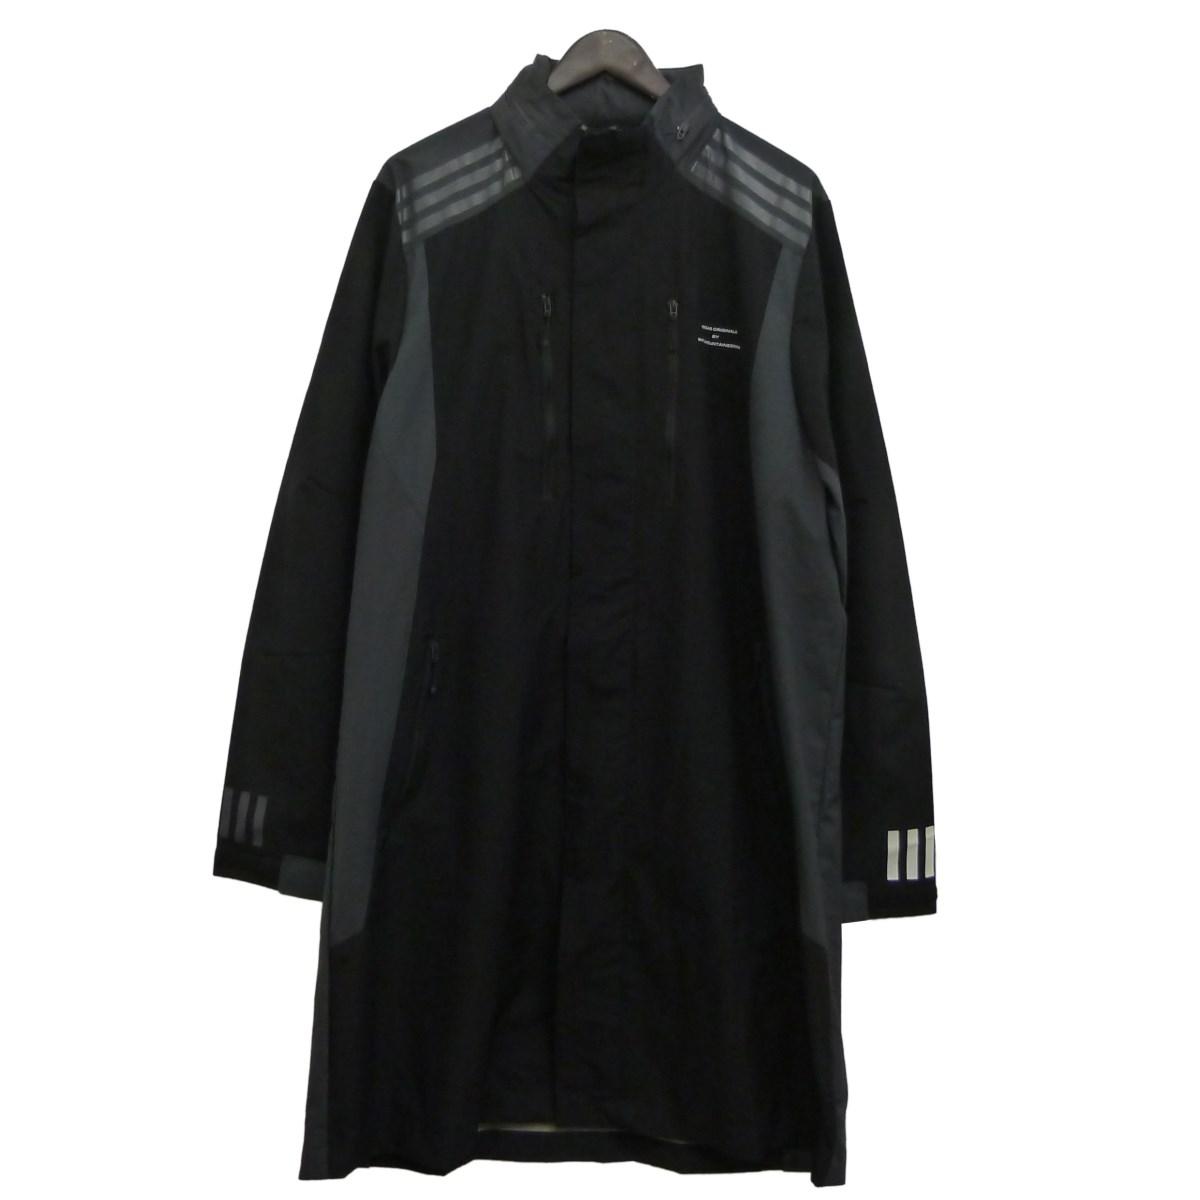 【中古】adidas Originals by WHITE MOUNTAINEERING 16AW「WM LONG COAT」ナイロンロングコート ブラック×グレー サイズ:0 【120520】(アディダスオリジナルスバイホワイトマウンテニアリング)